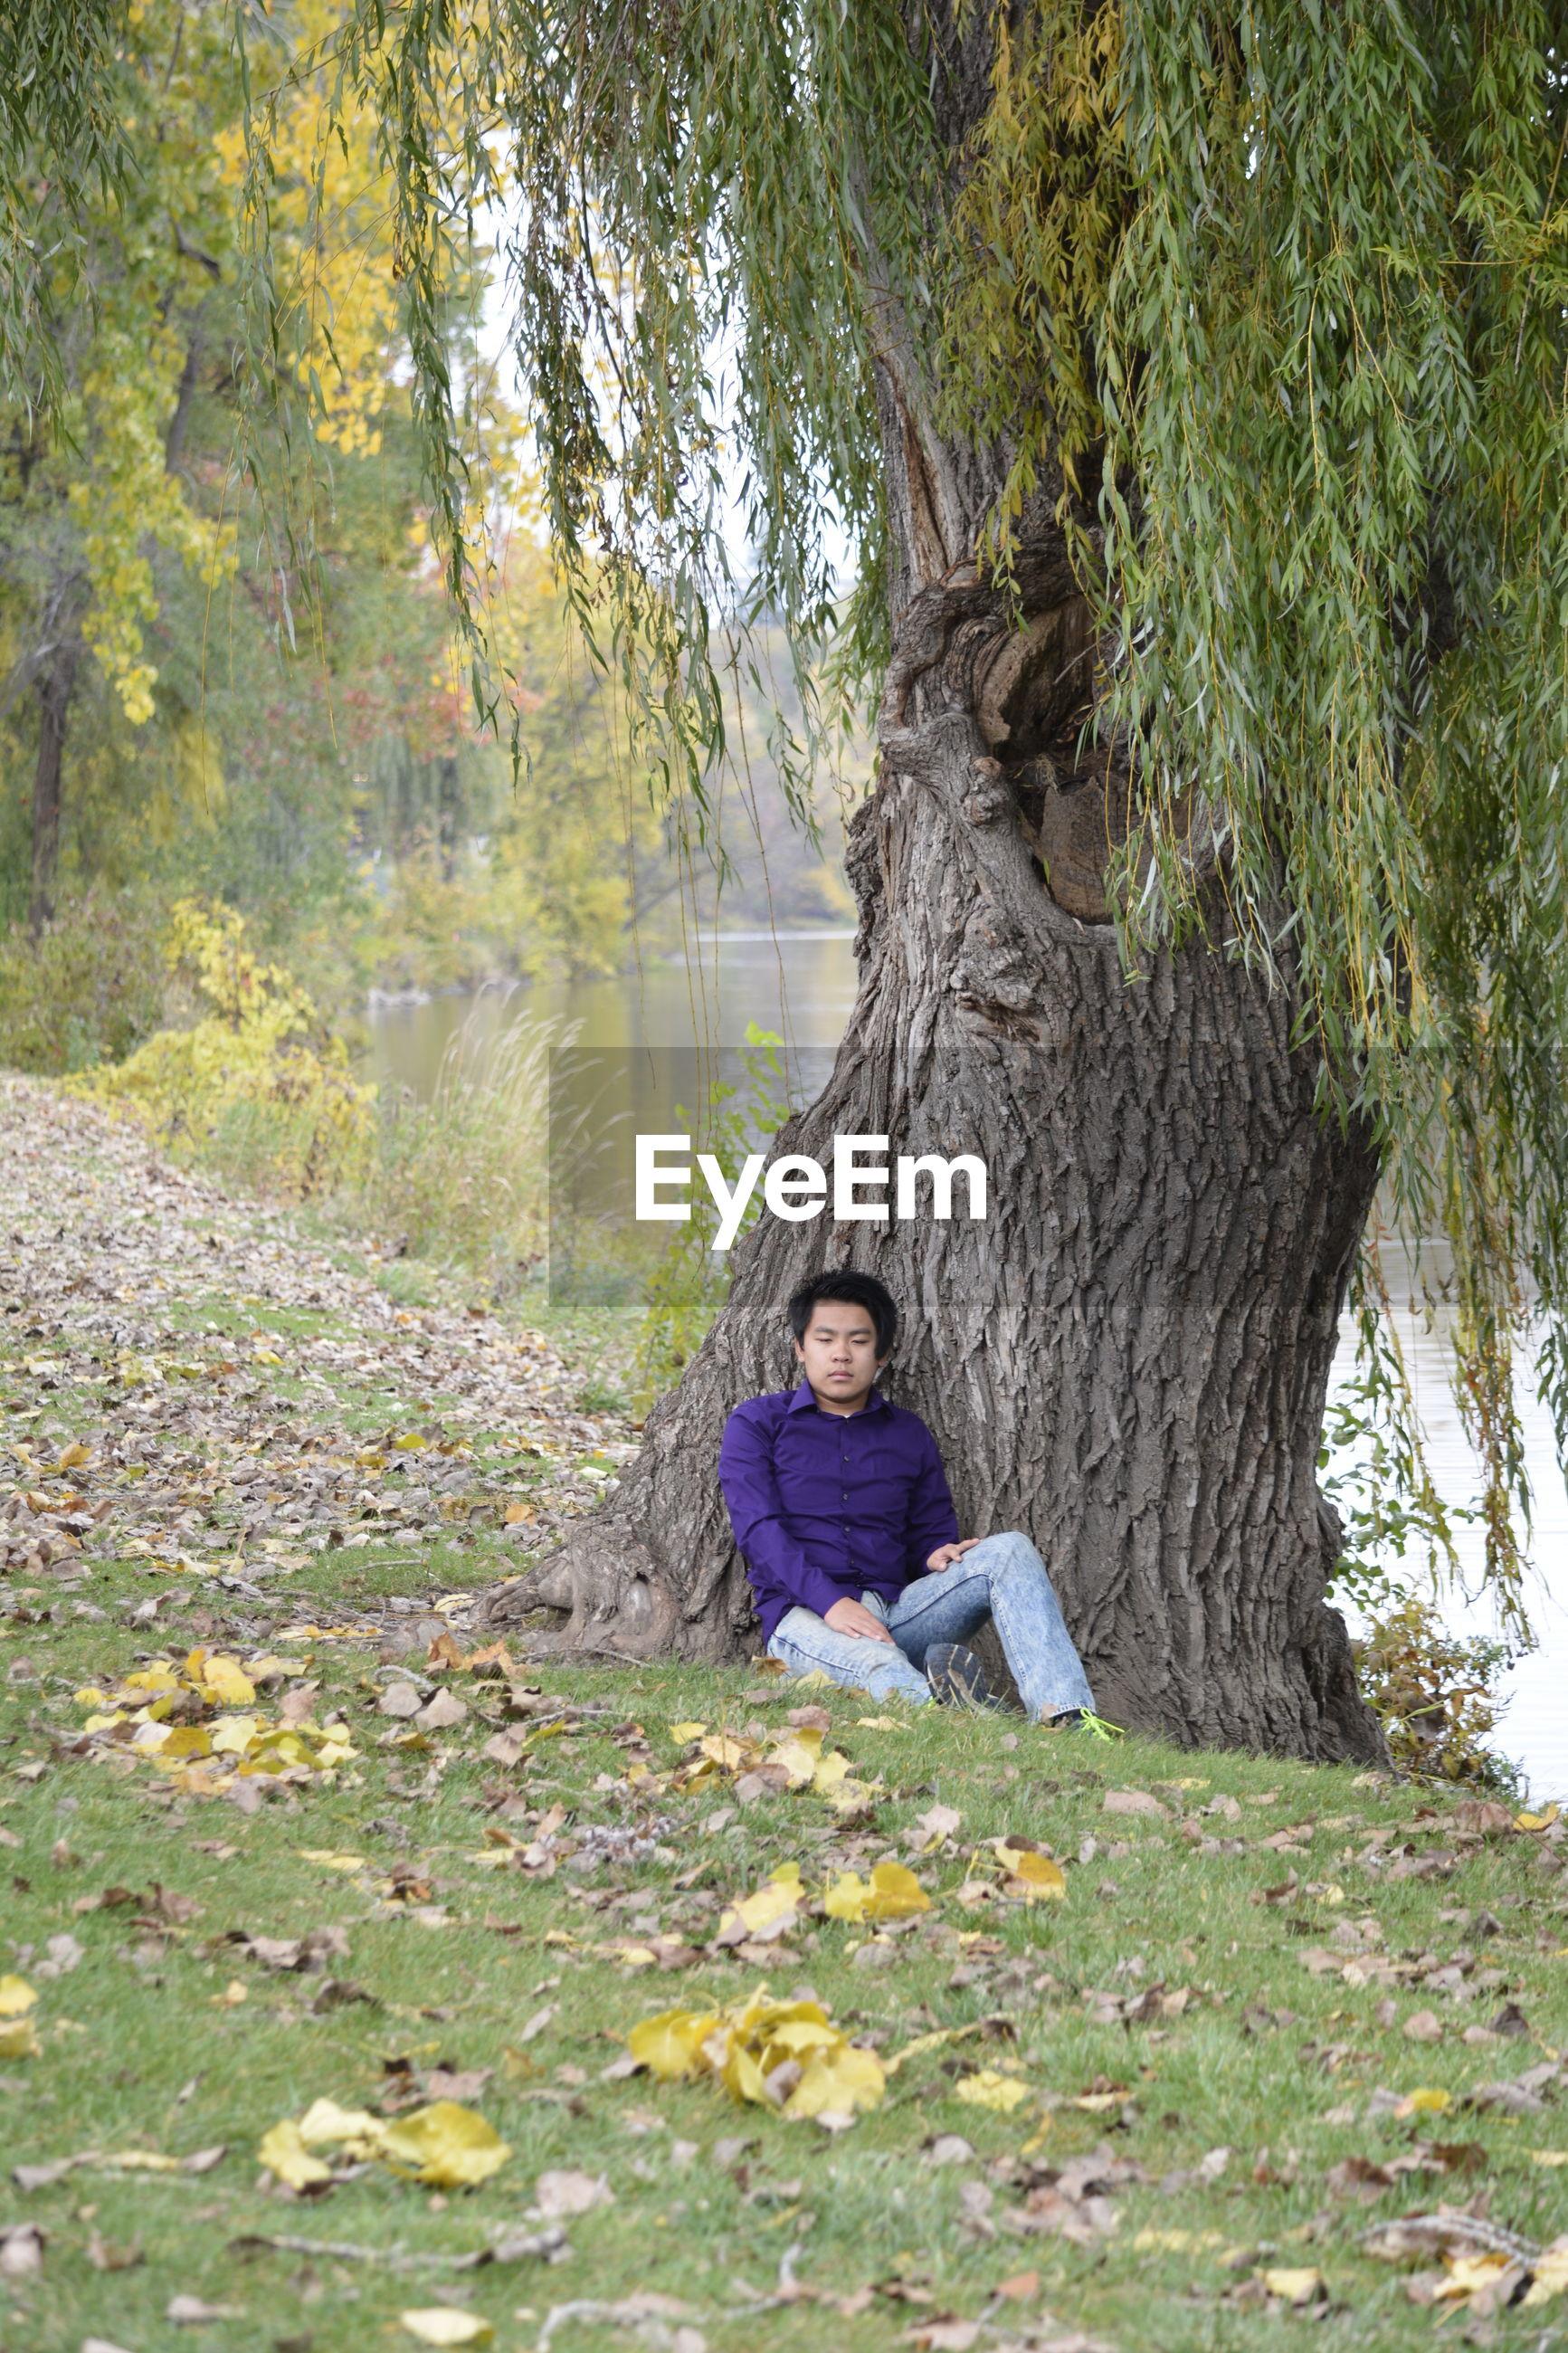 Man sitting by tree on field